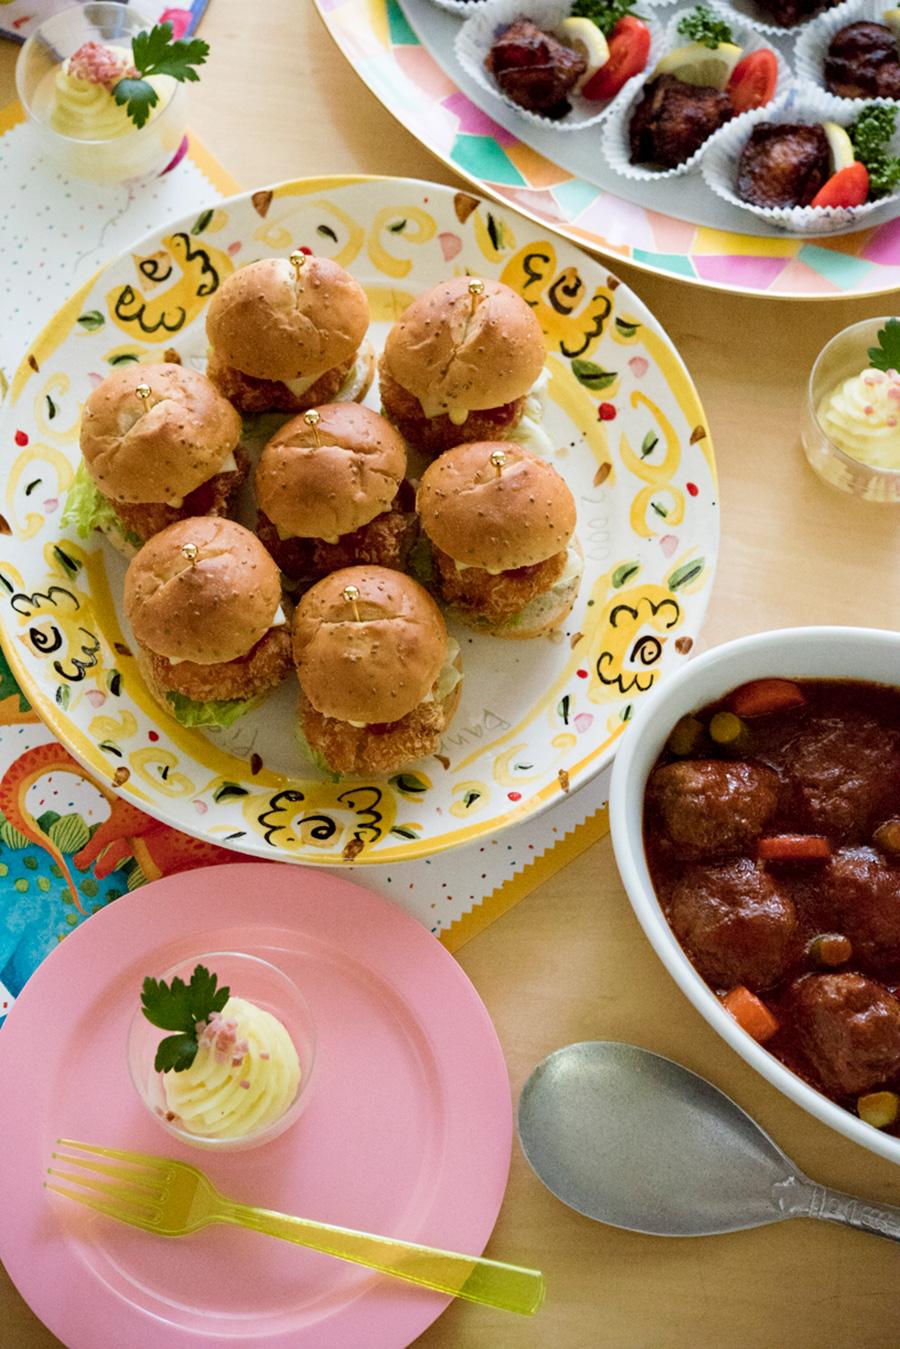 食器などはカラフルなものをセレクトして、明るく楽し気な雰囲気に。